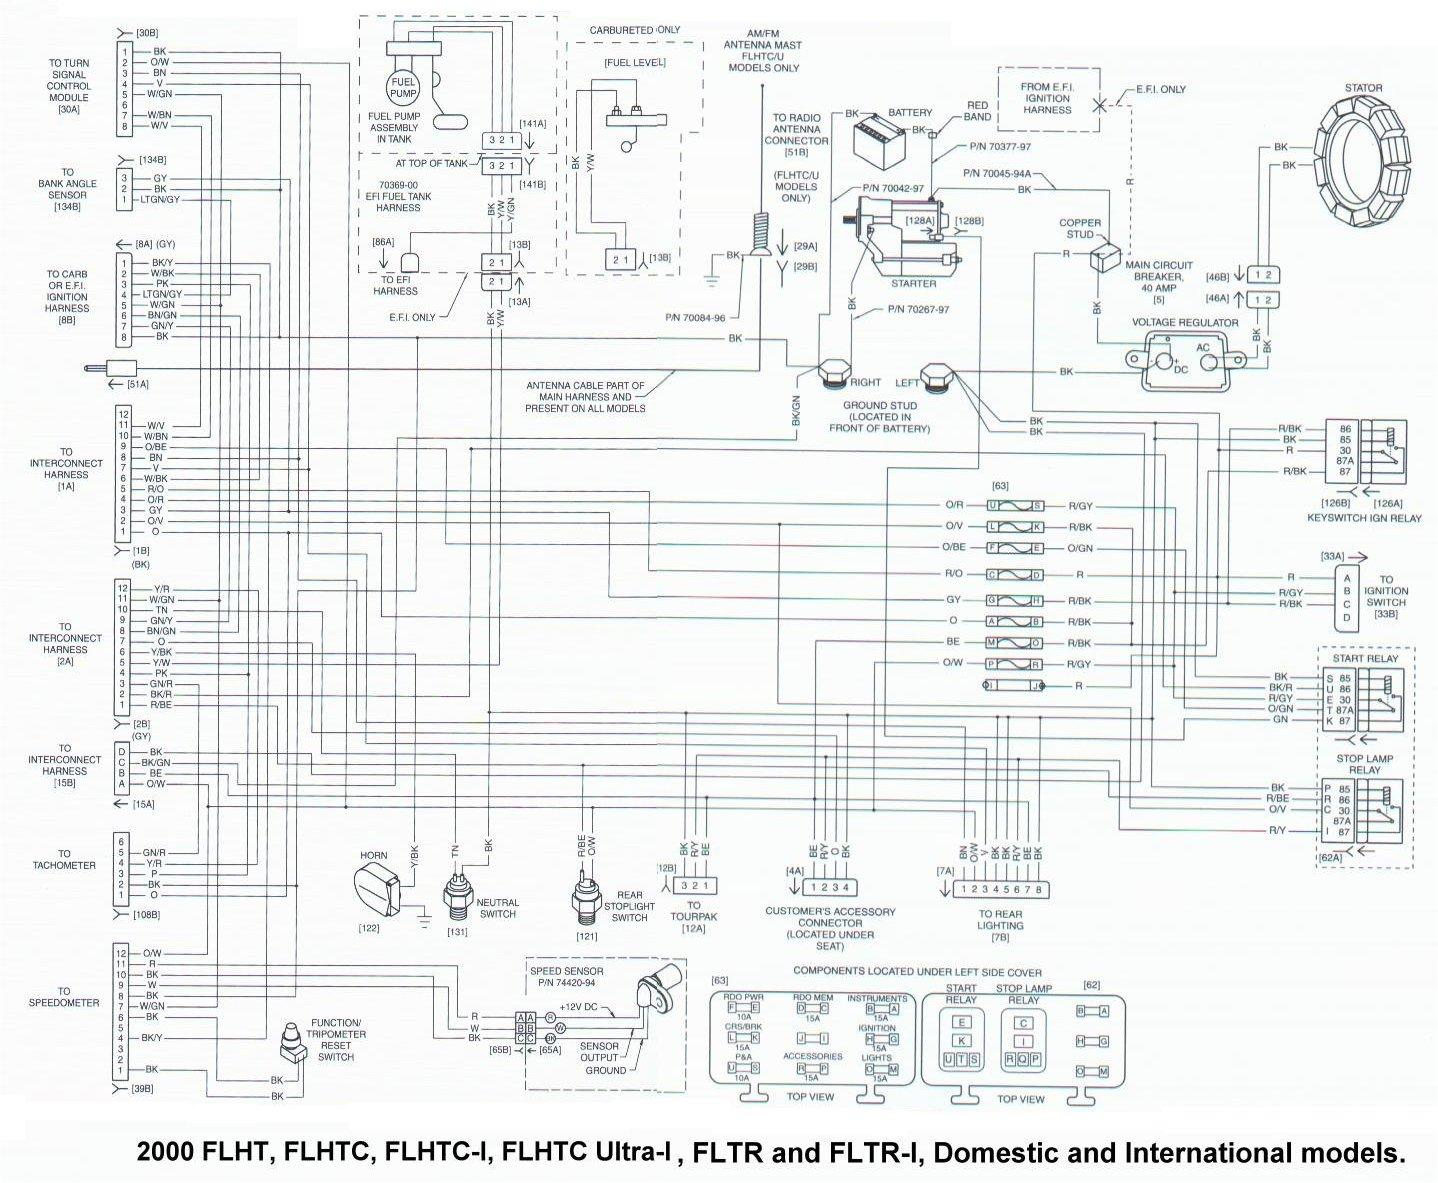 2000 sportster wiring diagram harley handlebar wiring diagram 2000 fokus repeat24 klictravel nl  harley handlebar wiring diagram 2000